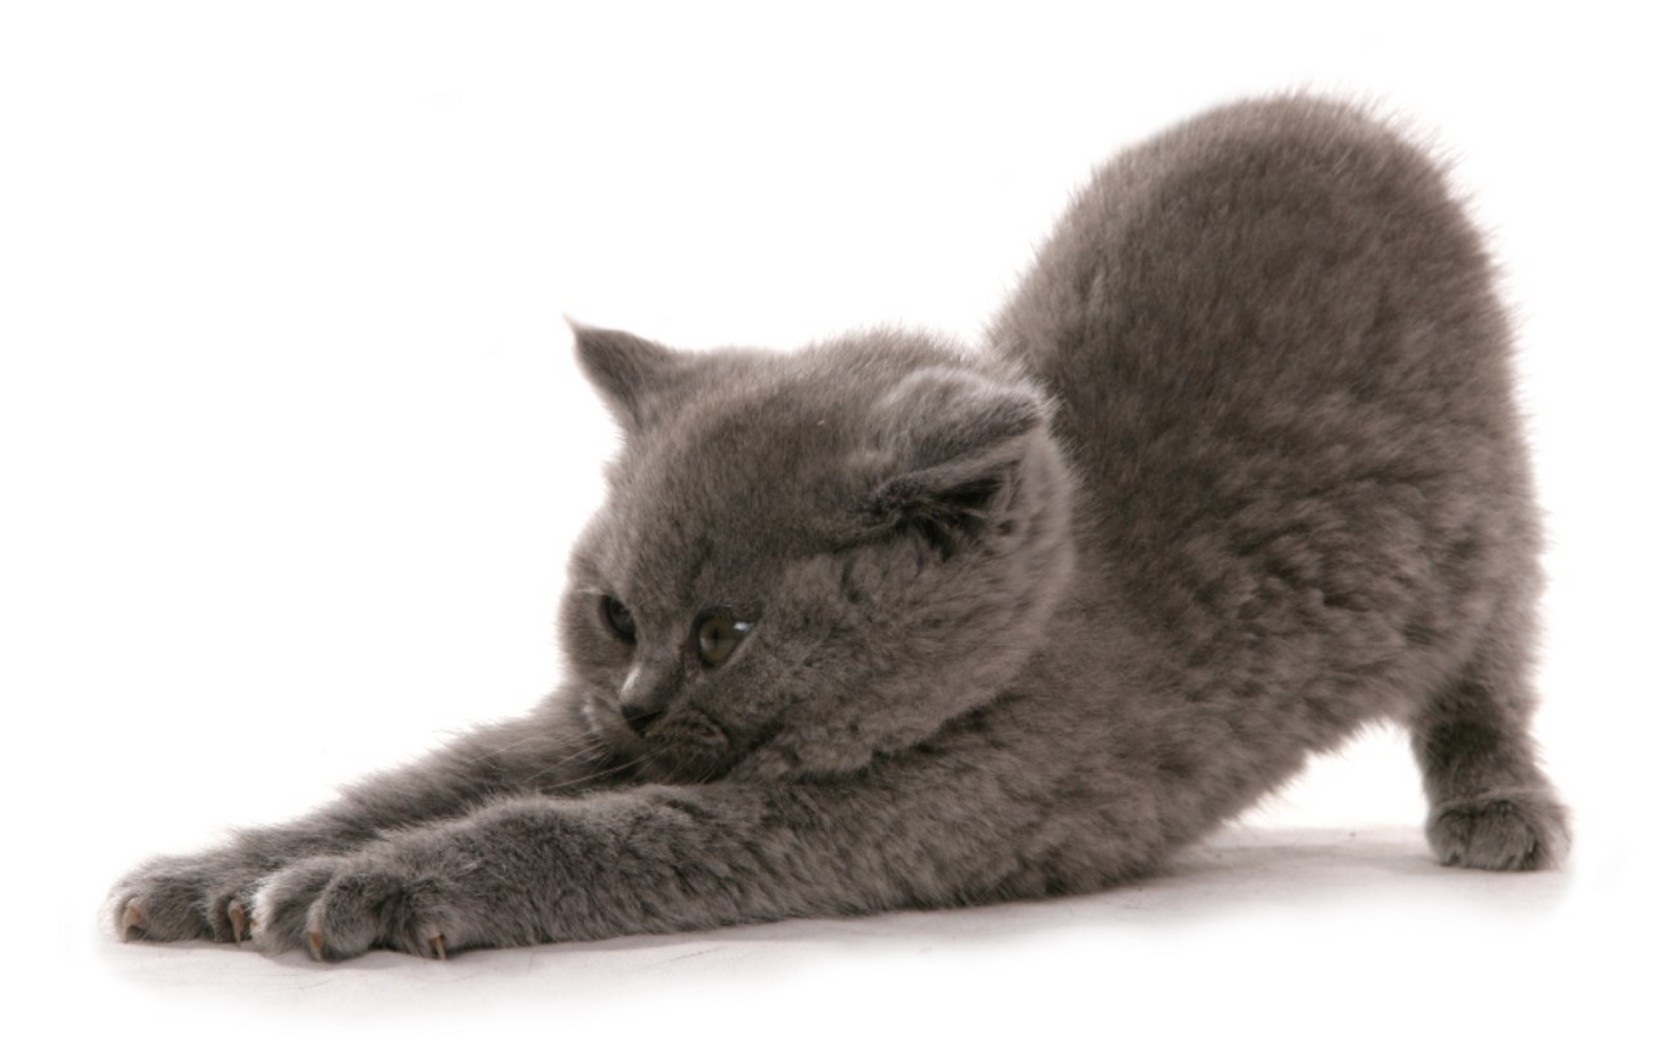 Funny British Shorthair kitten wallpaper